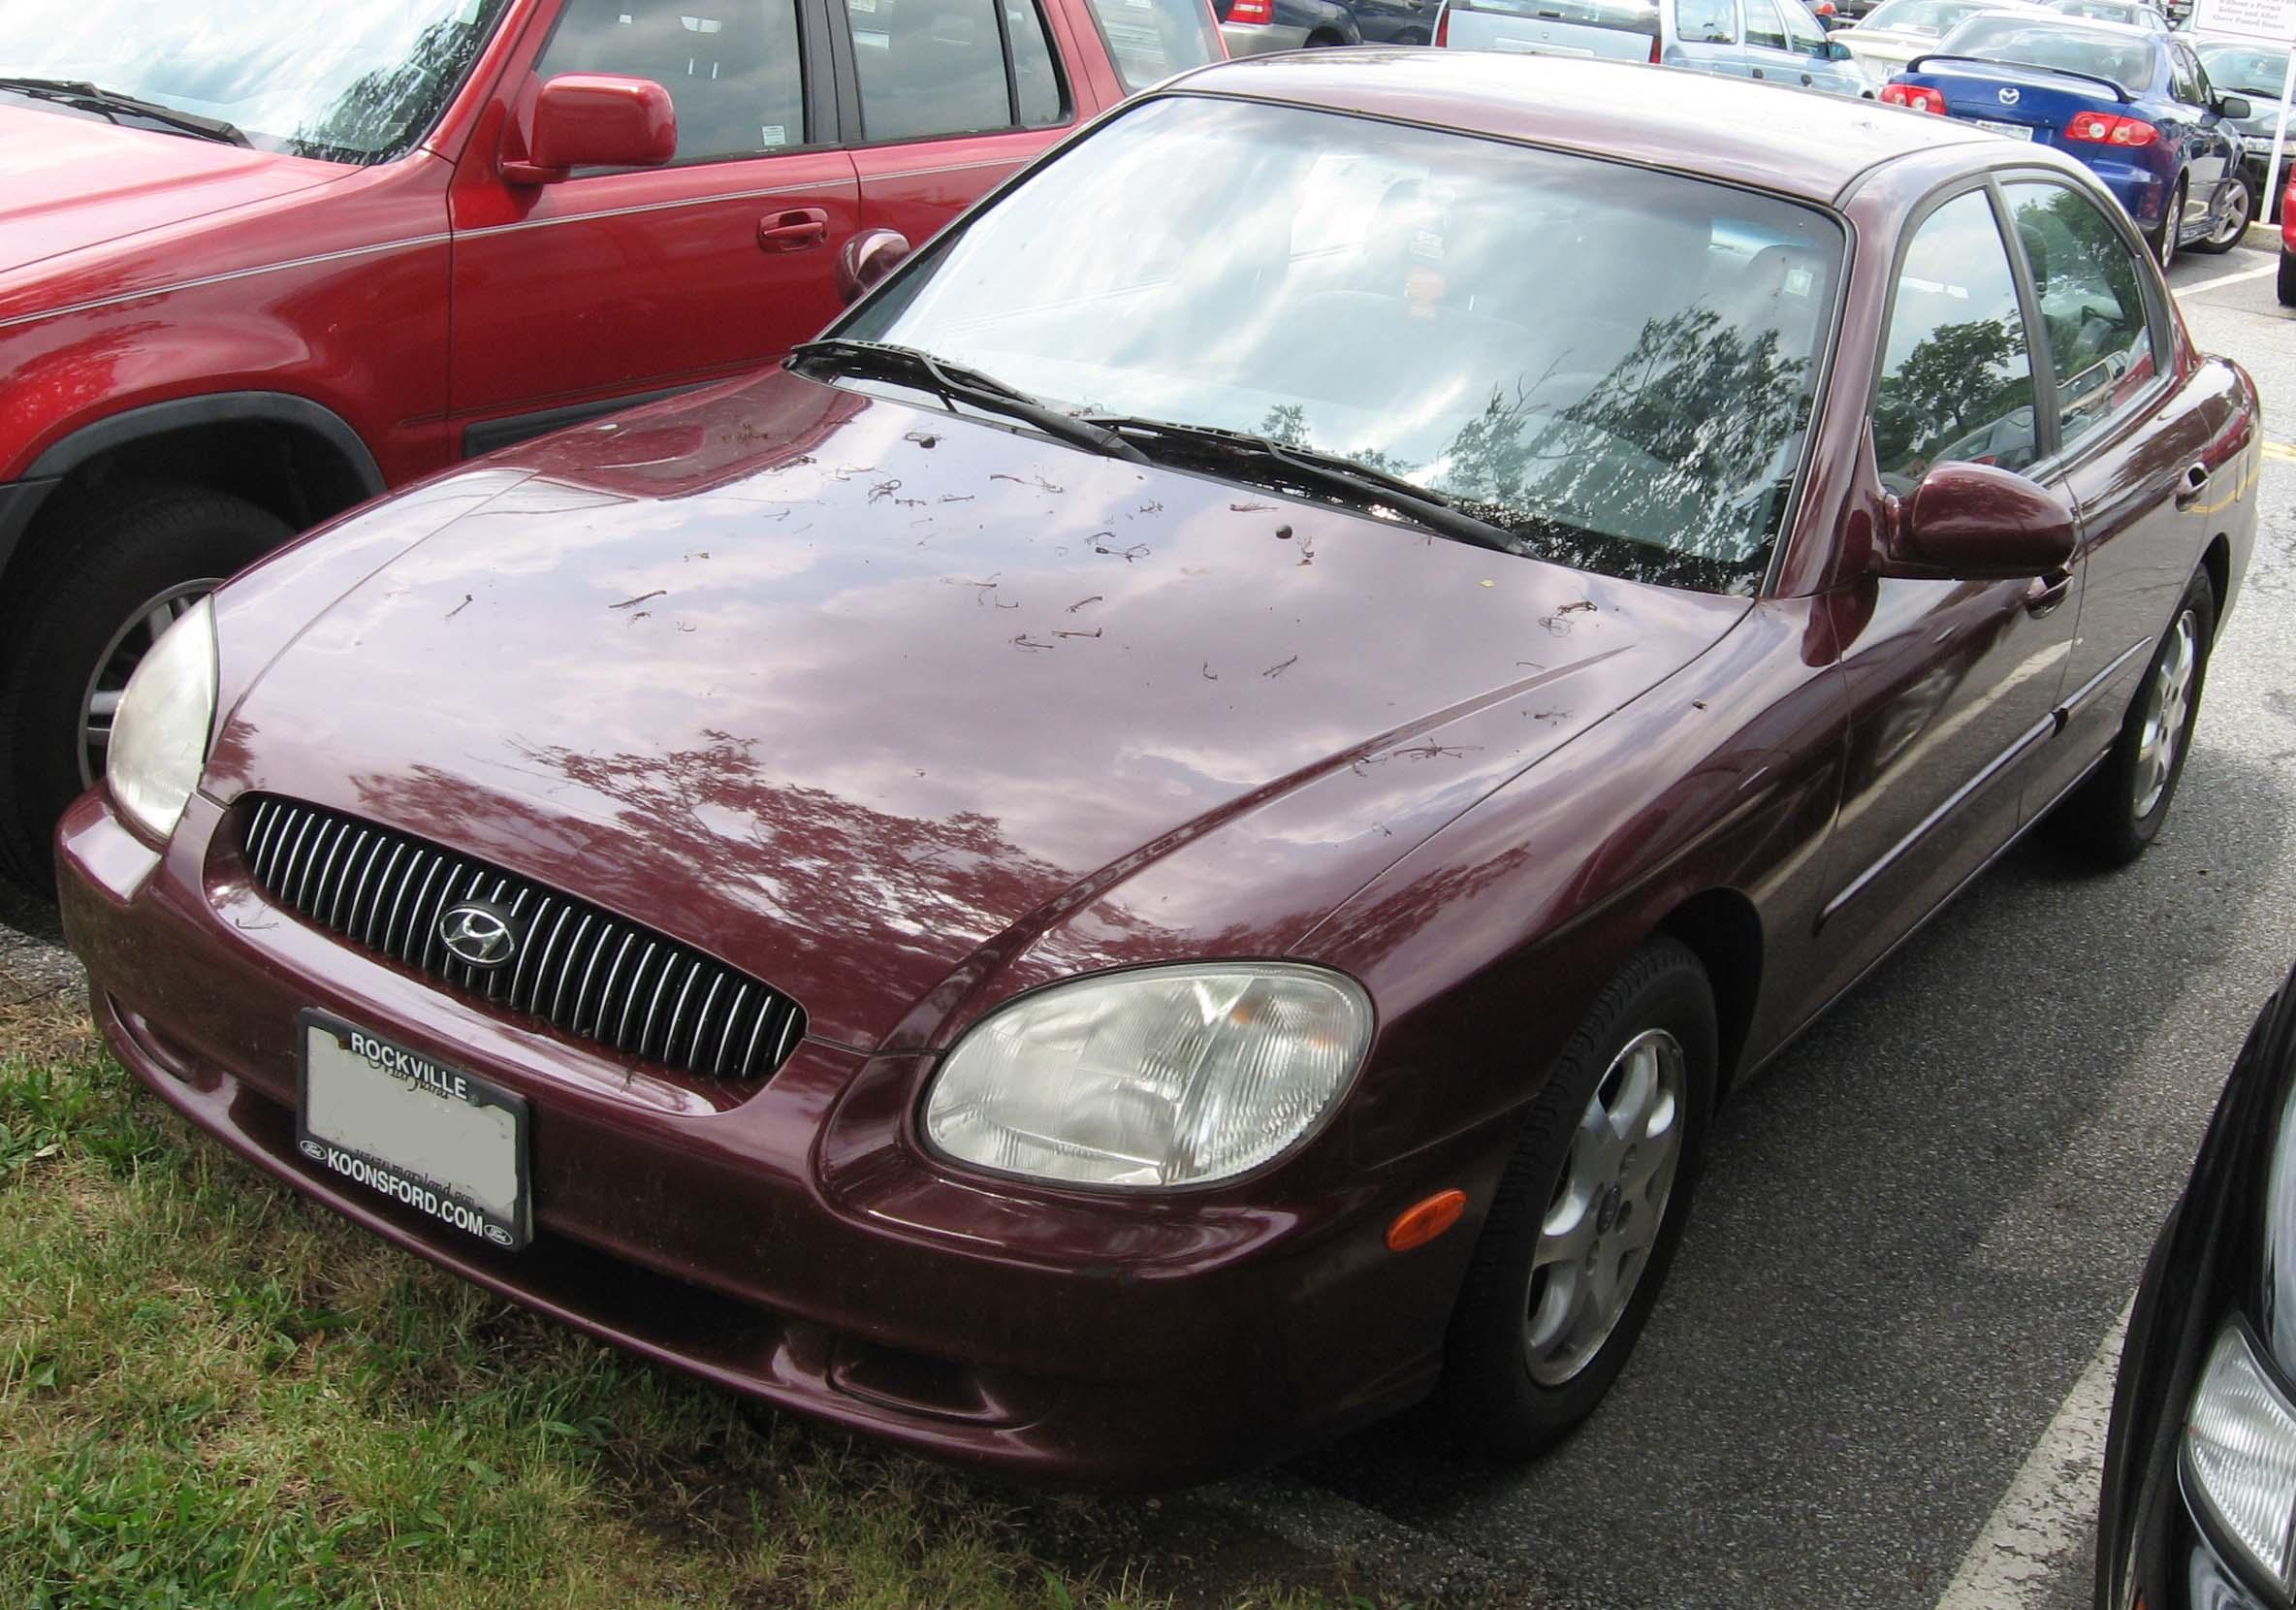 File:01-Hyundai-Sonata.jpg - Wikimedia Commons